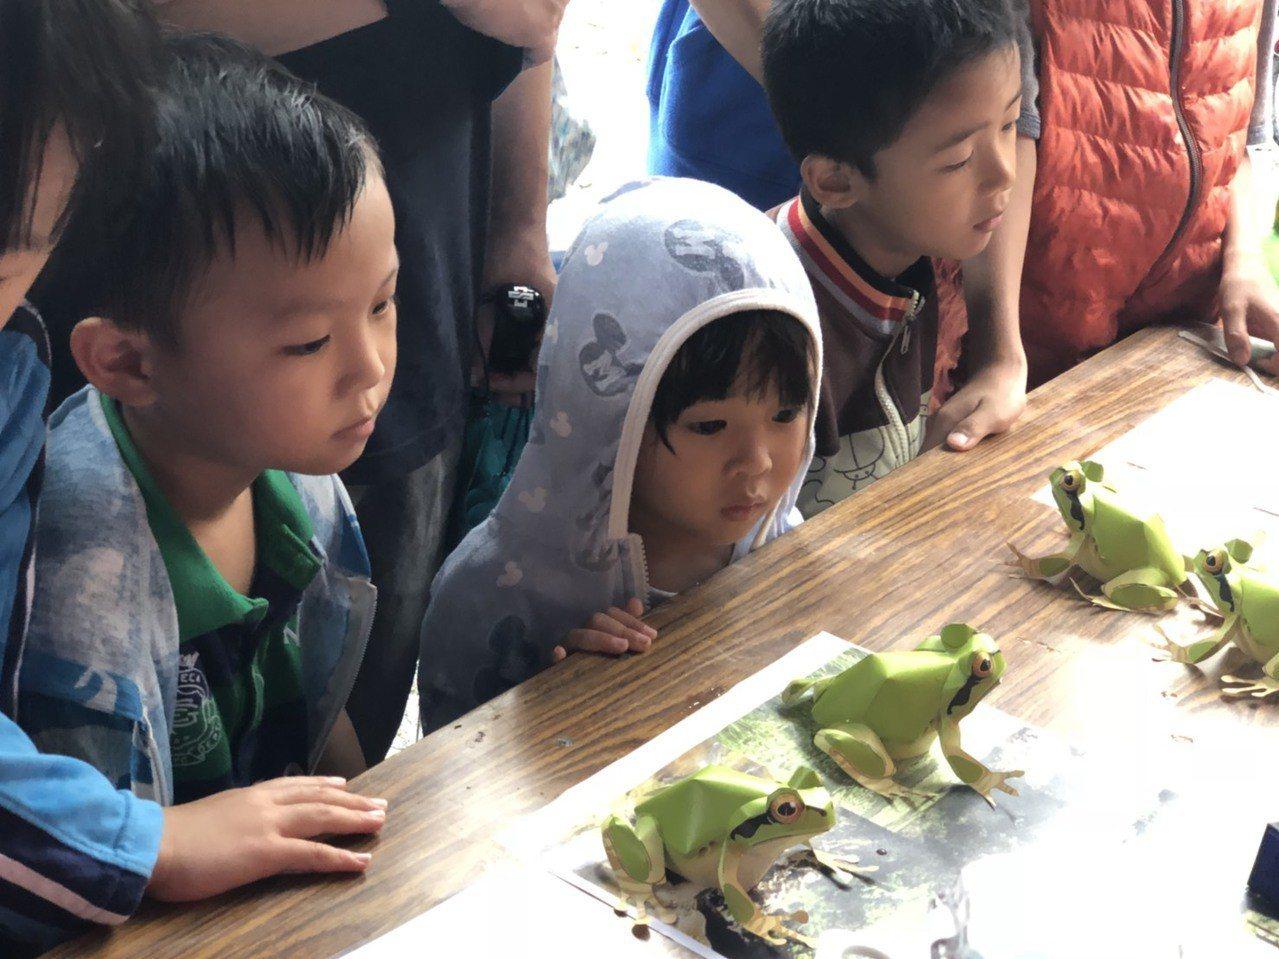 結合立式划槳又可以賞蛙,只有在新竹才玩得到。圖/新竹市府教育處提供